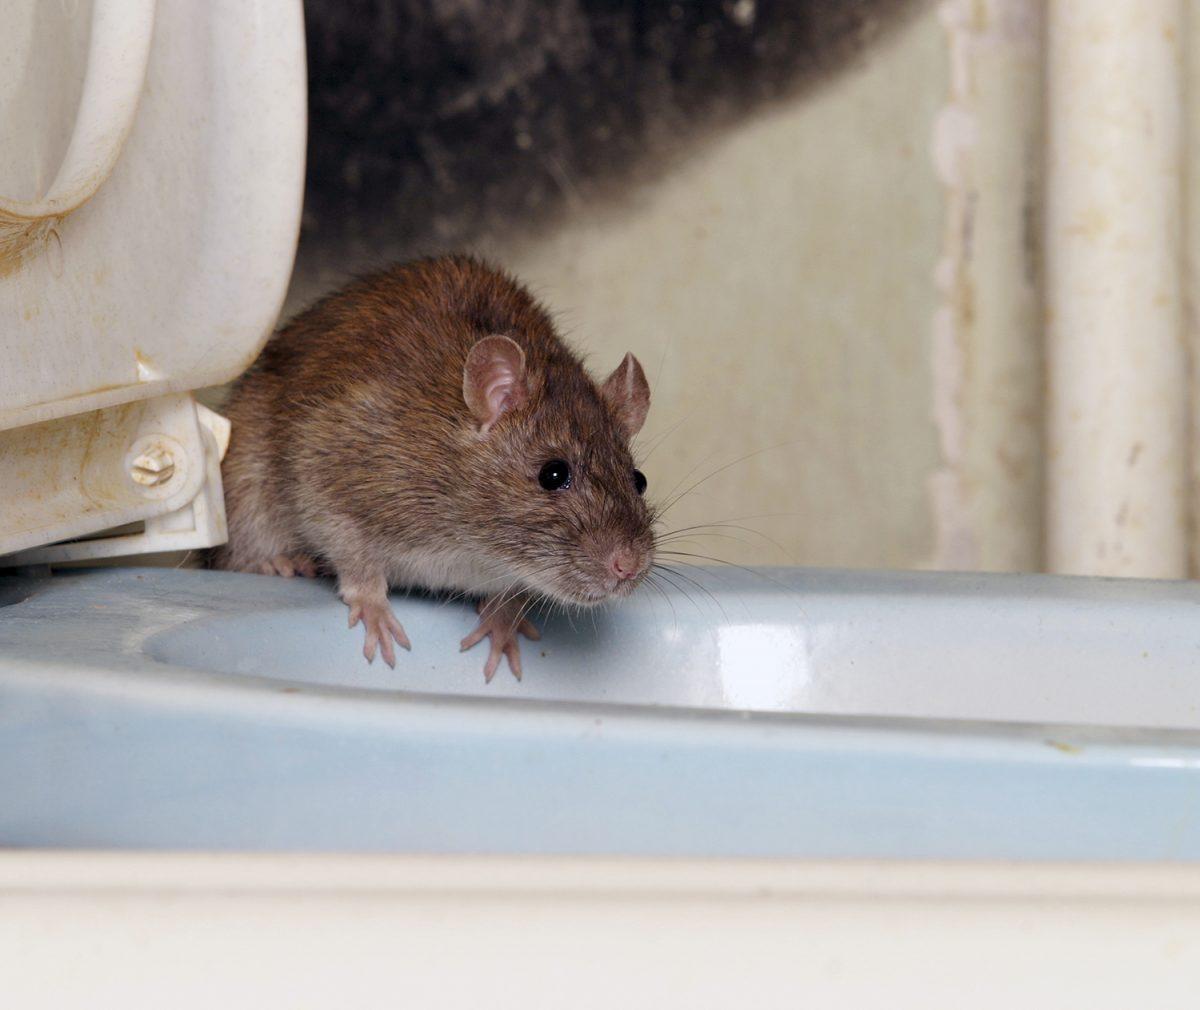 Descubren que un roedor puede vivir a una altitud de 6.739 metros sobre el nivel del mar